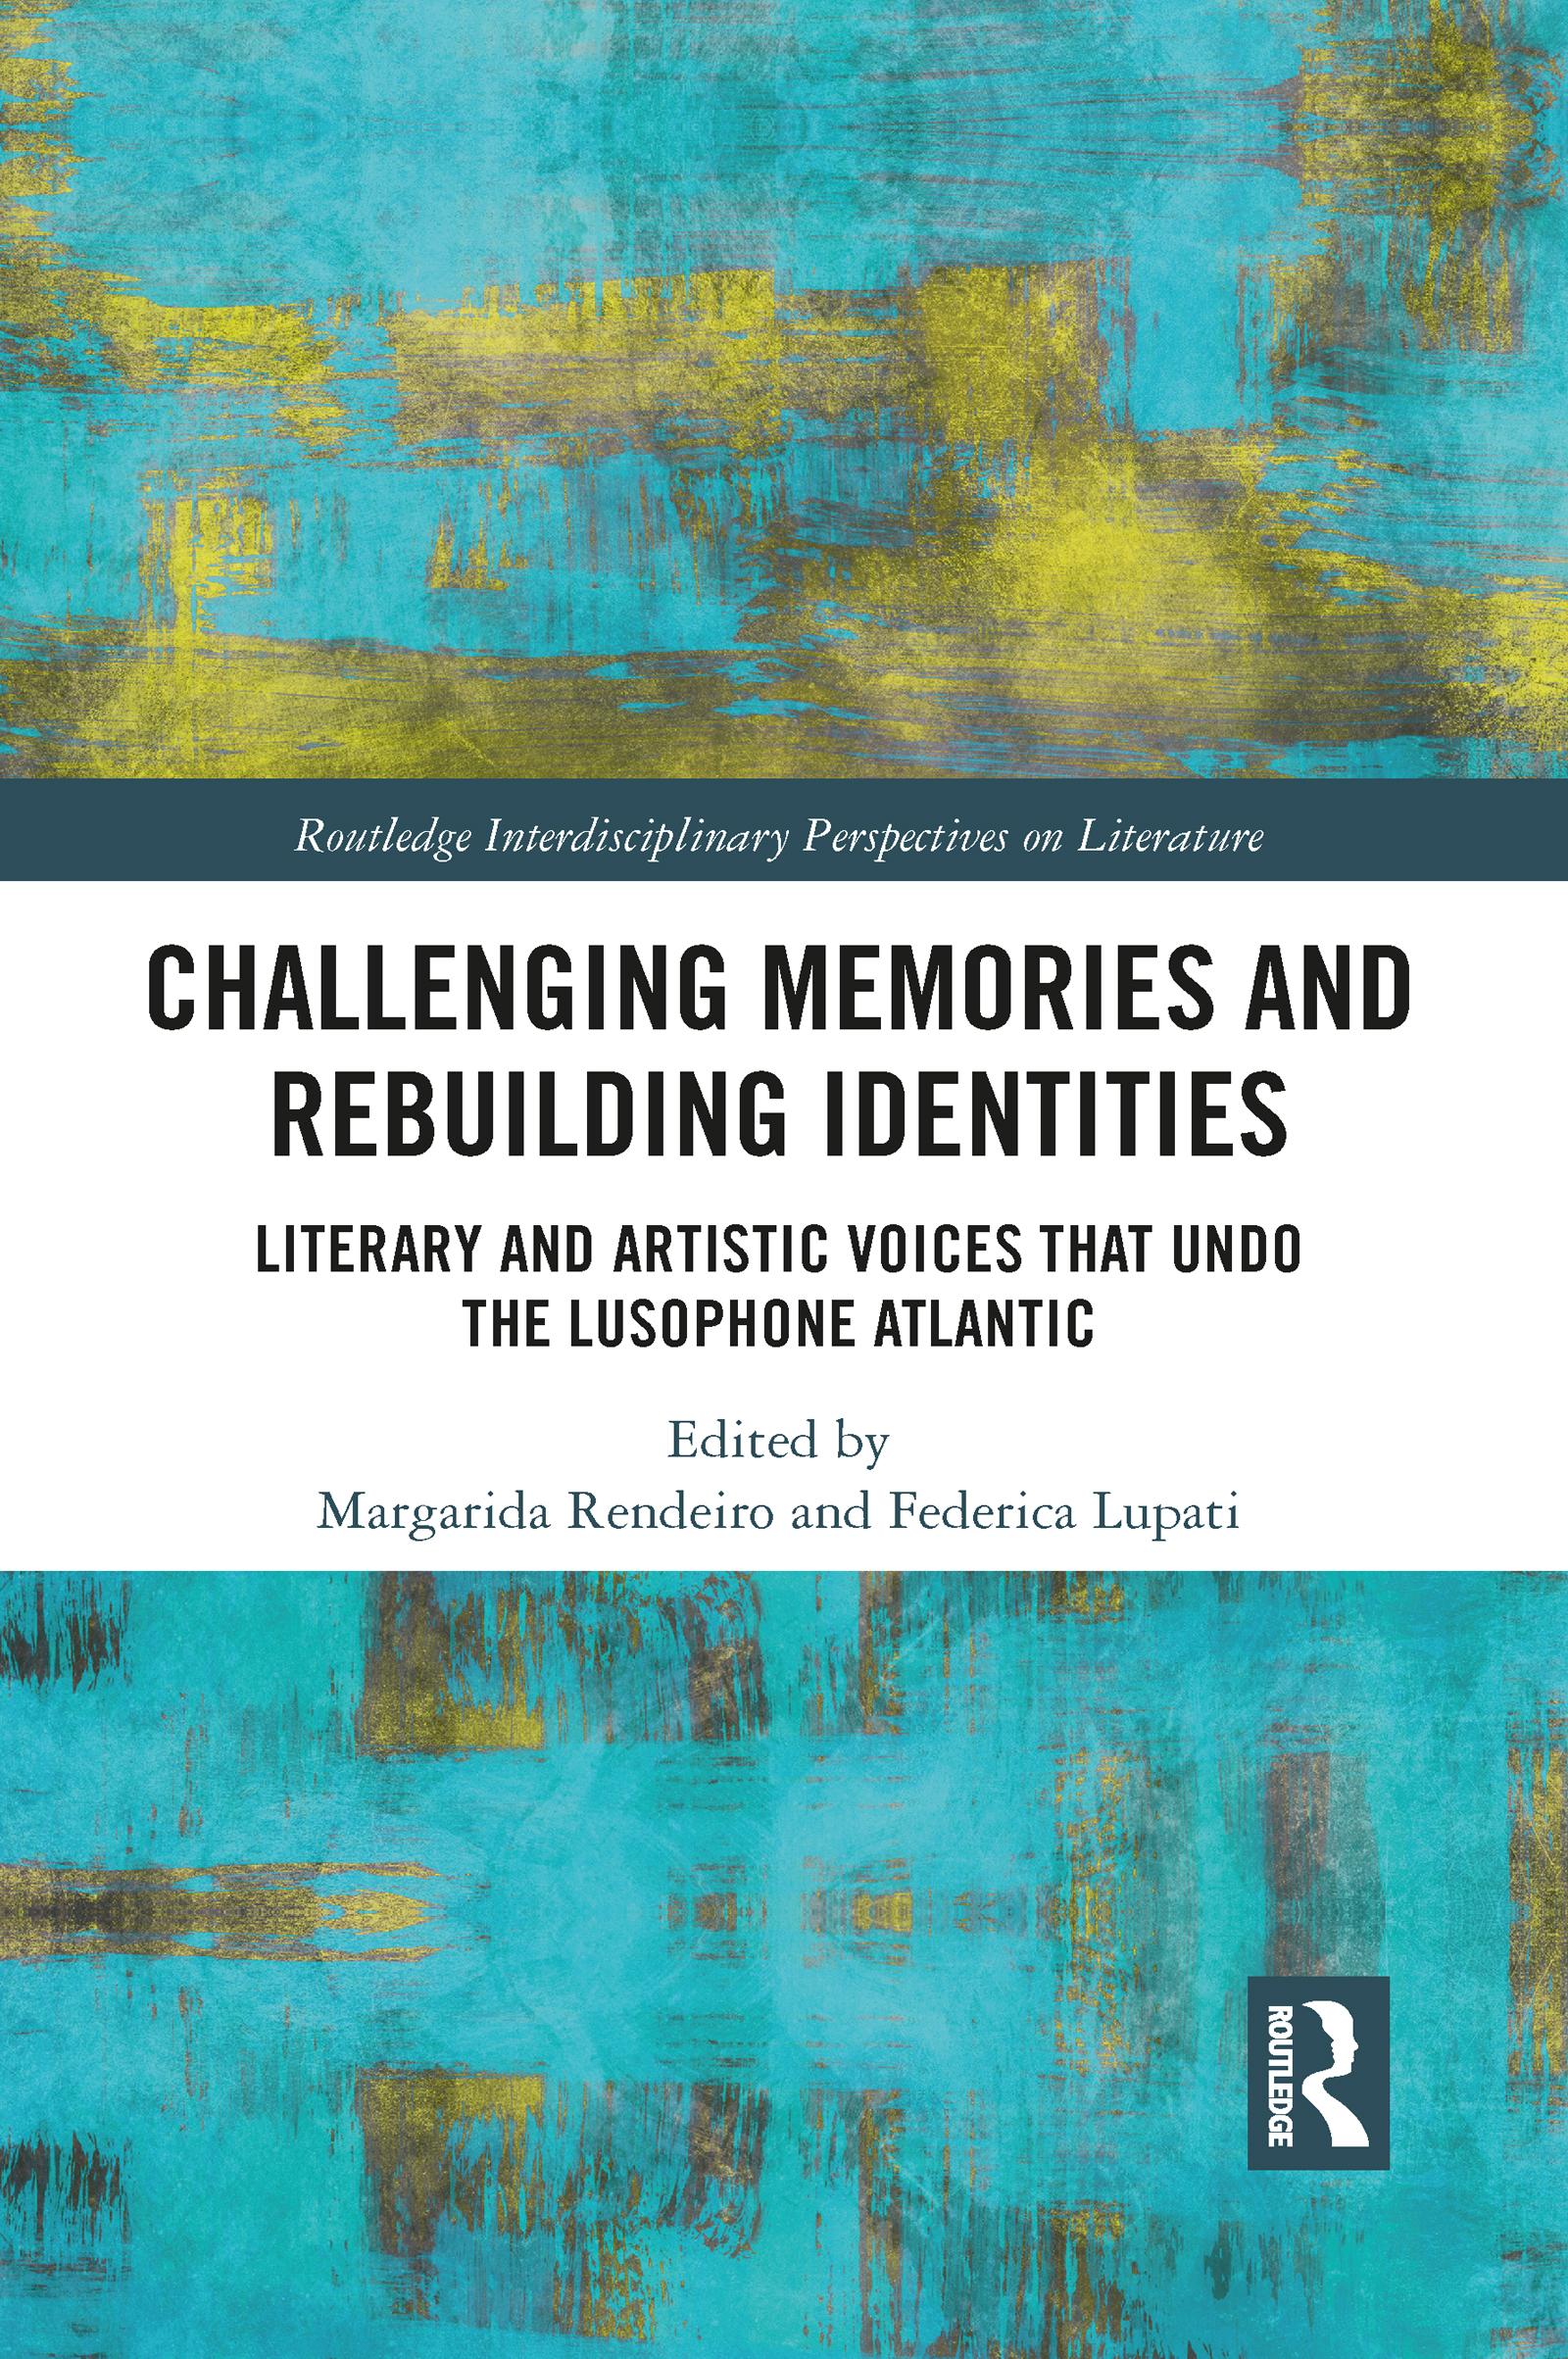 Challenging Memories and Rebuilding Identities